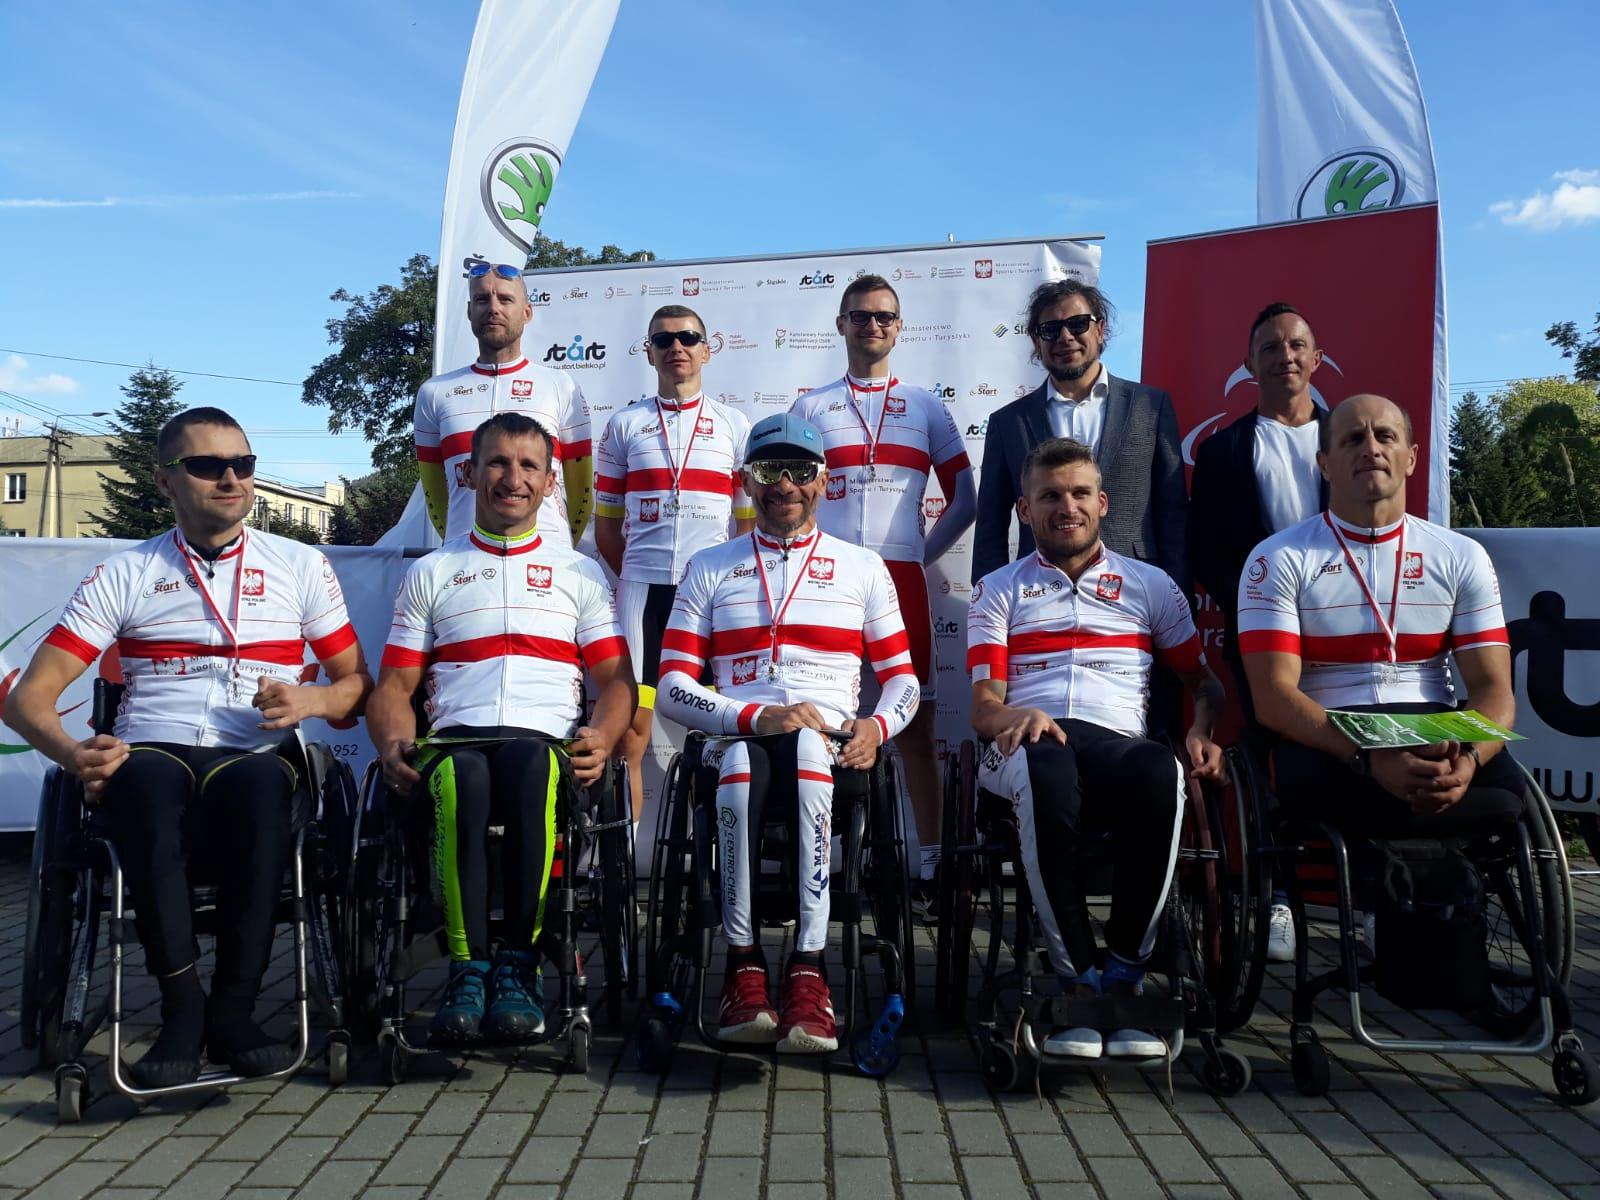 Niepełnosprawni kolarze walczyli o medale Mistrzostw Polski [FOTO]